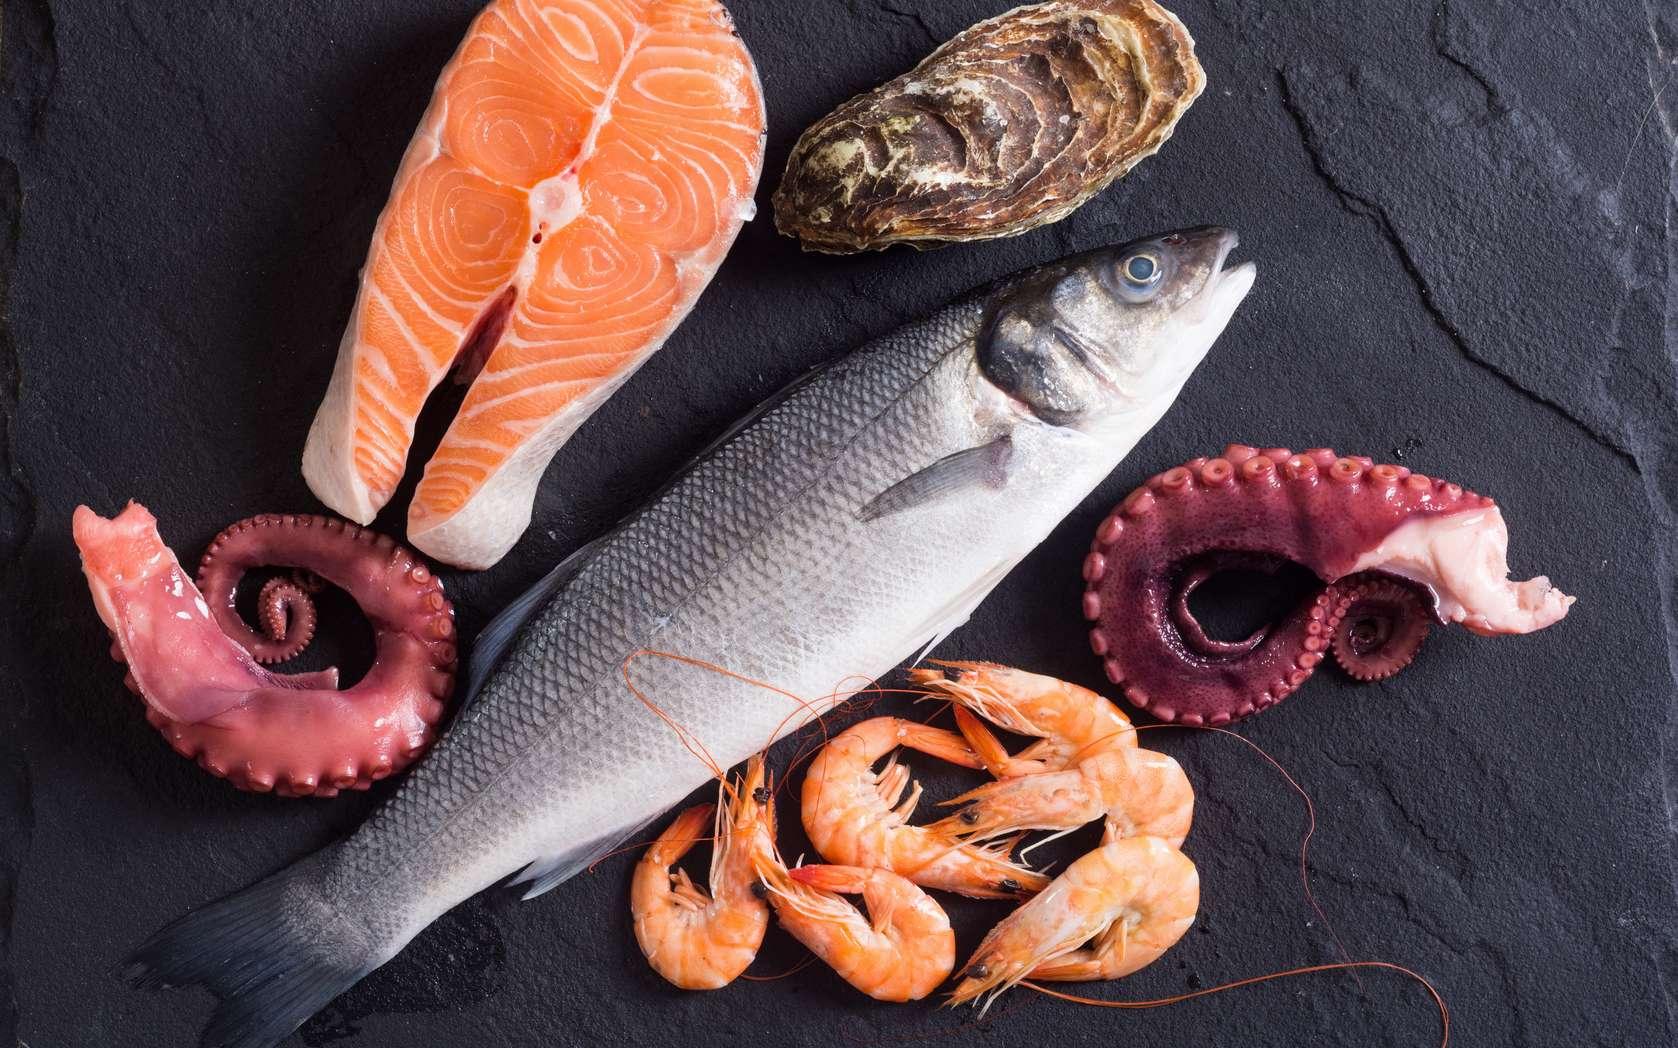 Le poisson cru a 283 fois plus de parasites qu'il y a 50 ans